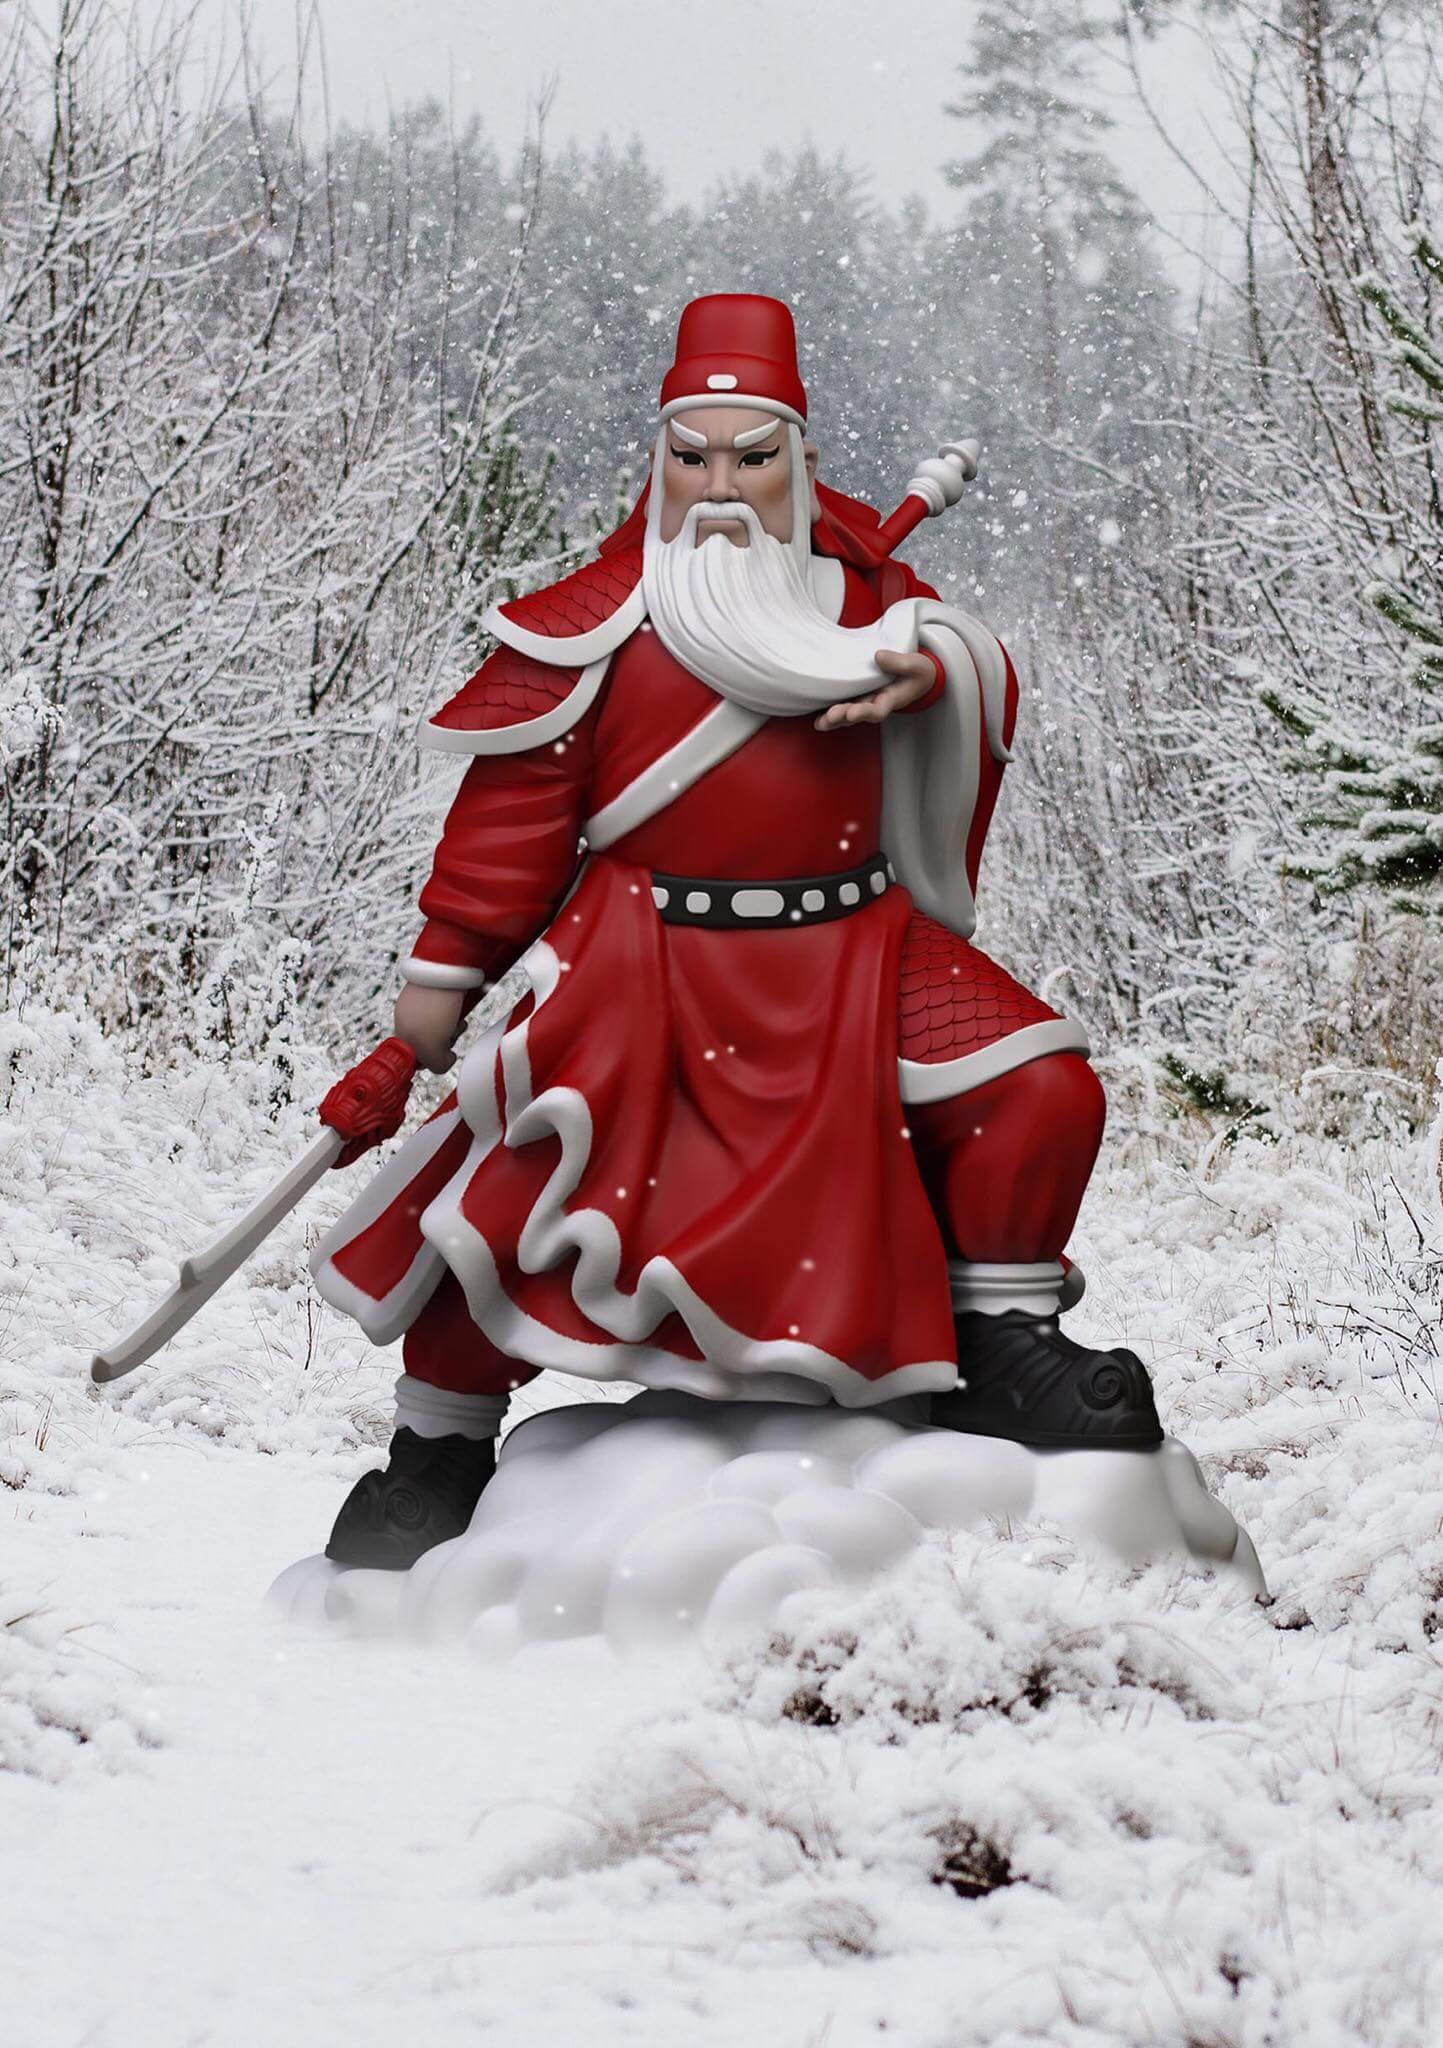 關聖誕君的白邊紅袍皺褶極 富動感,腳下是雲是雪?迪 嘉謂:「兩睇」。